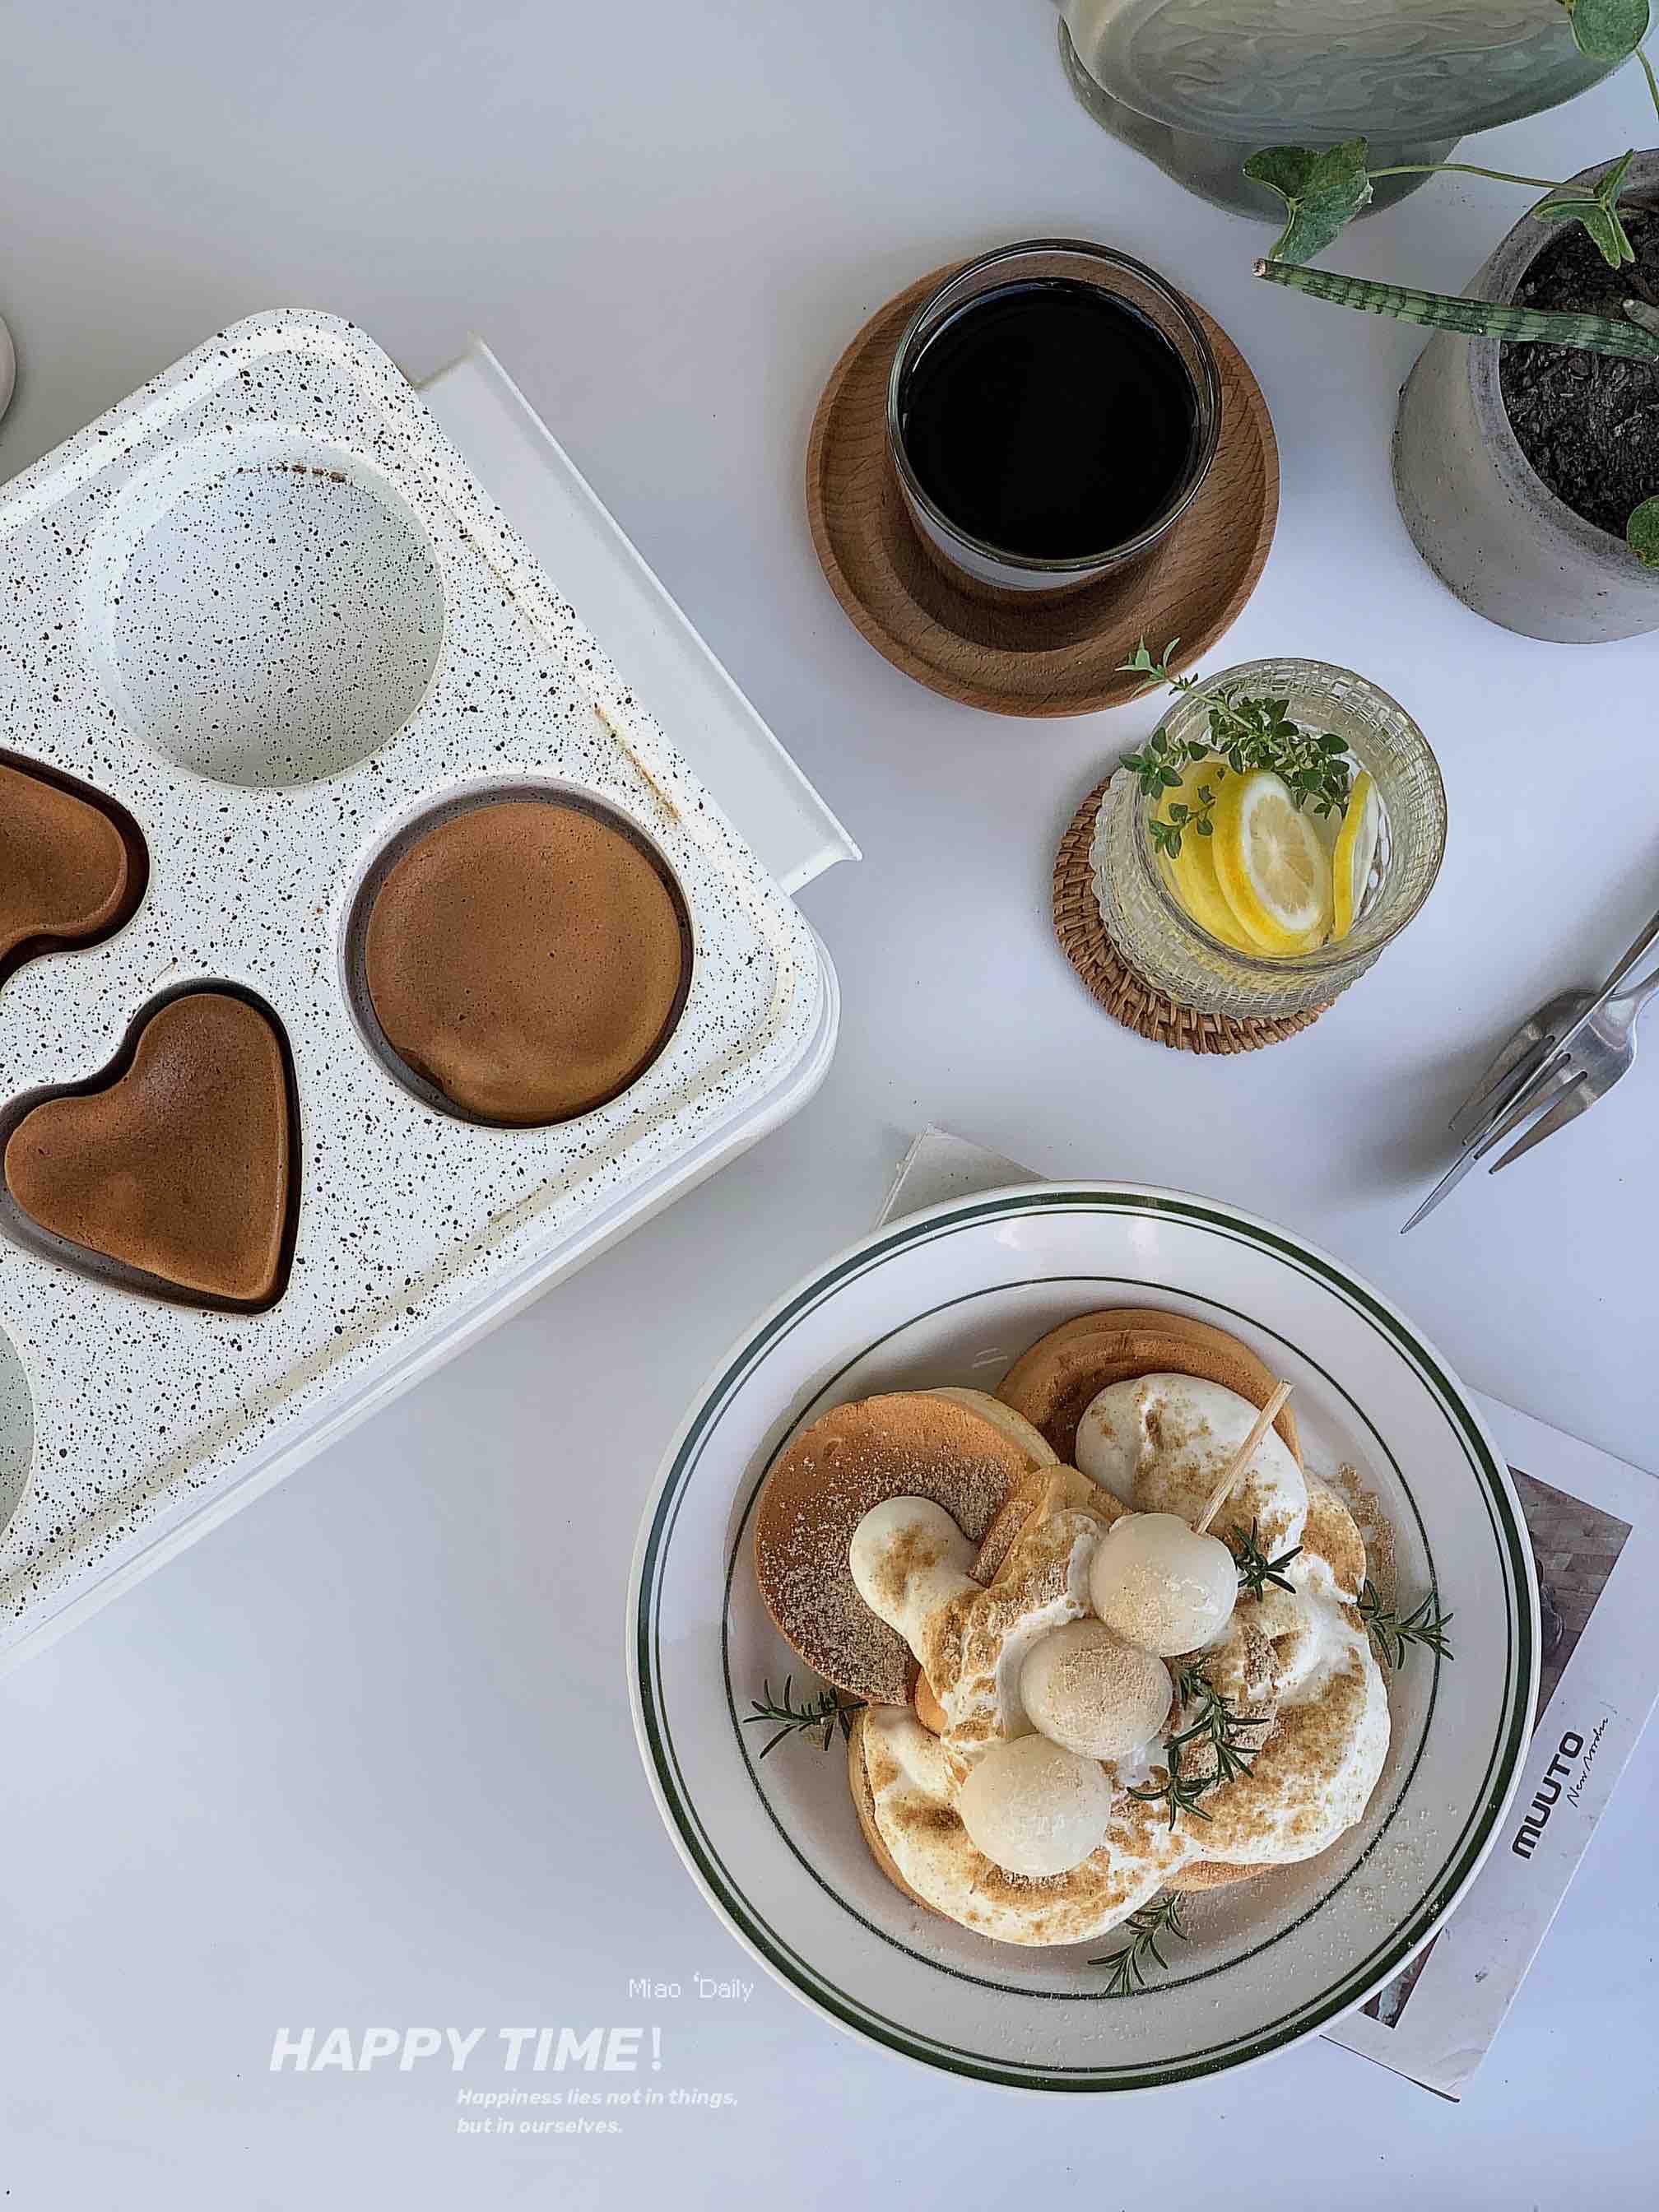 香甜松软的酸奶舒芙蕾松饼成品图